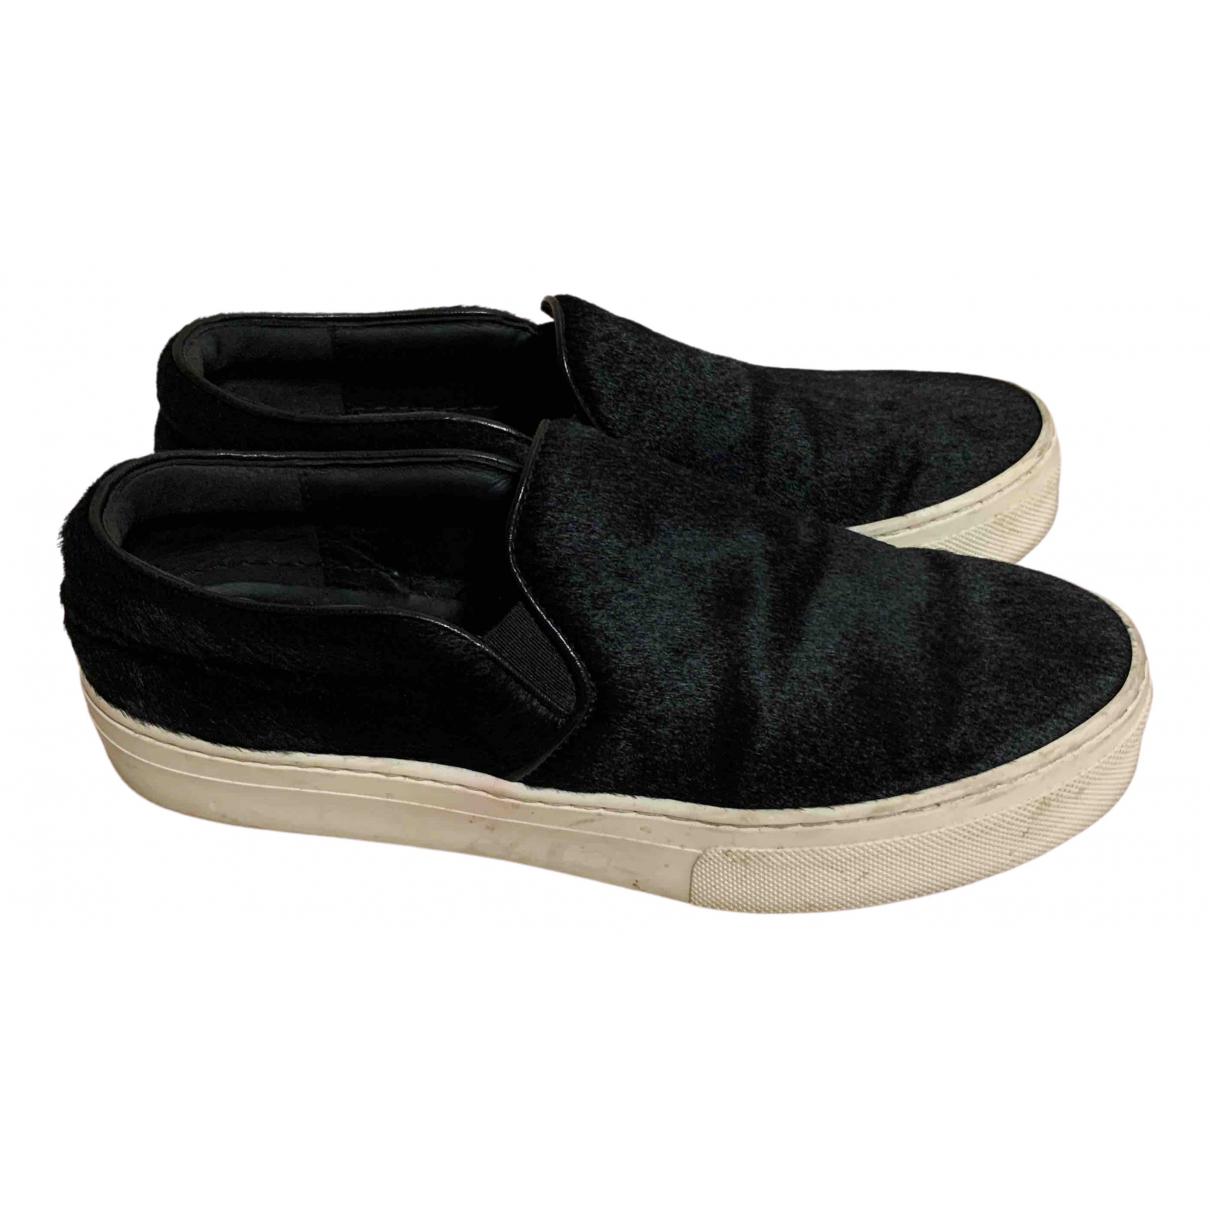 Zapatillas Celine